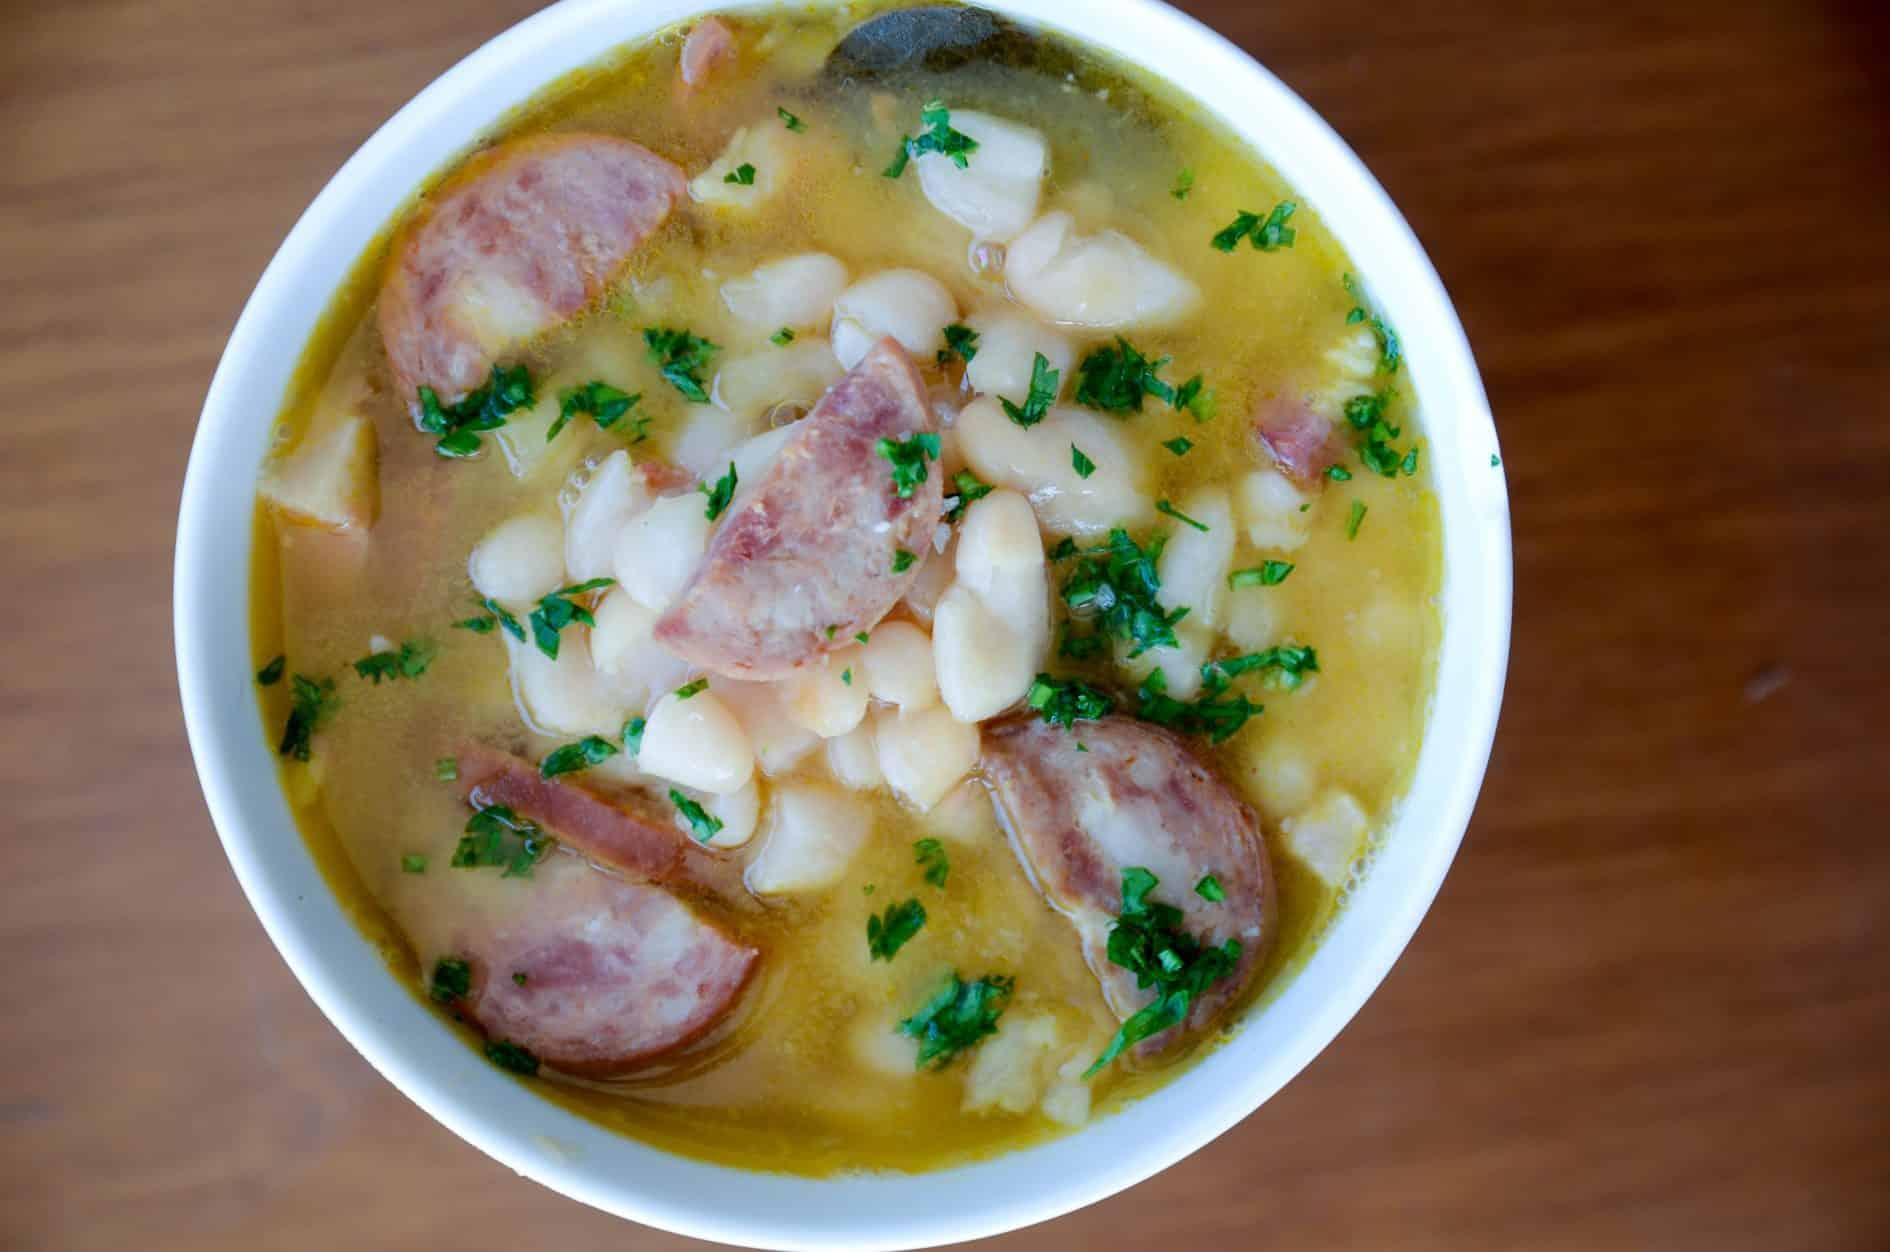 receita fácil de feijão brancom com bacon, linguiça paio e bacon